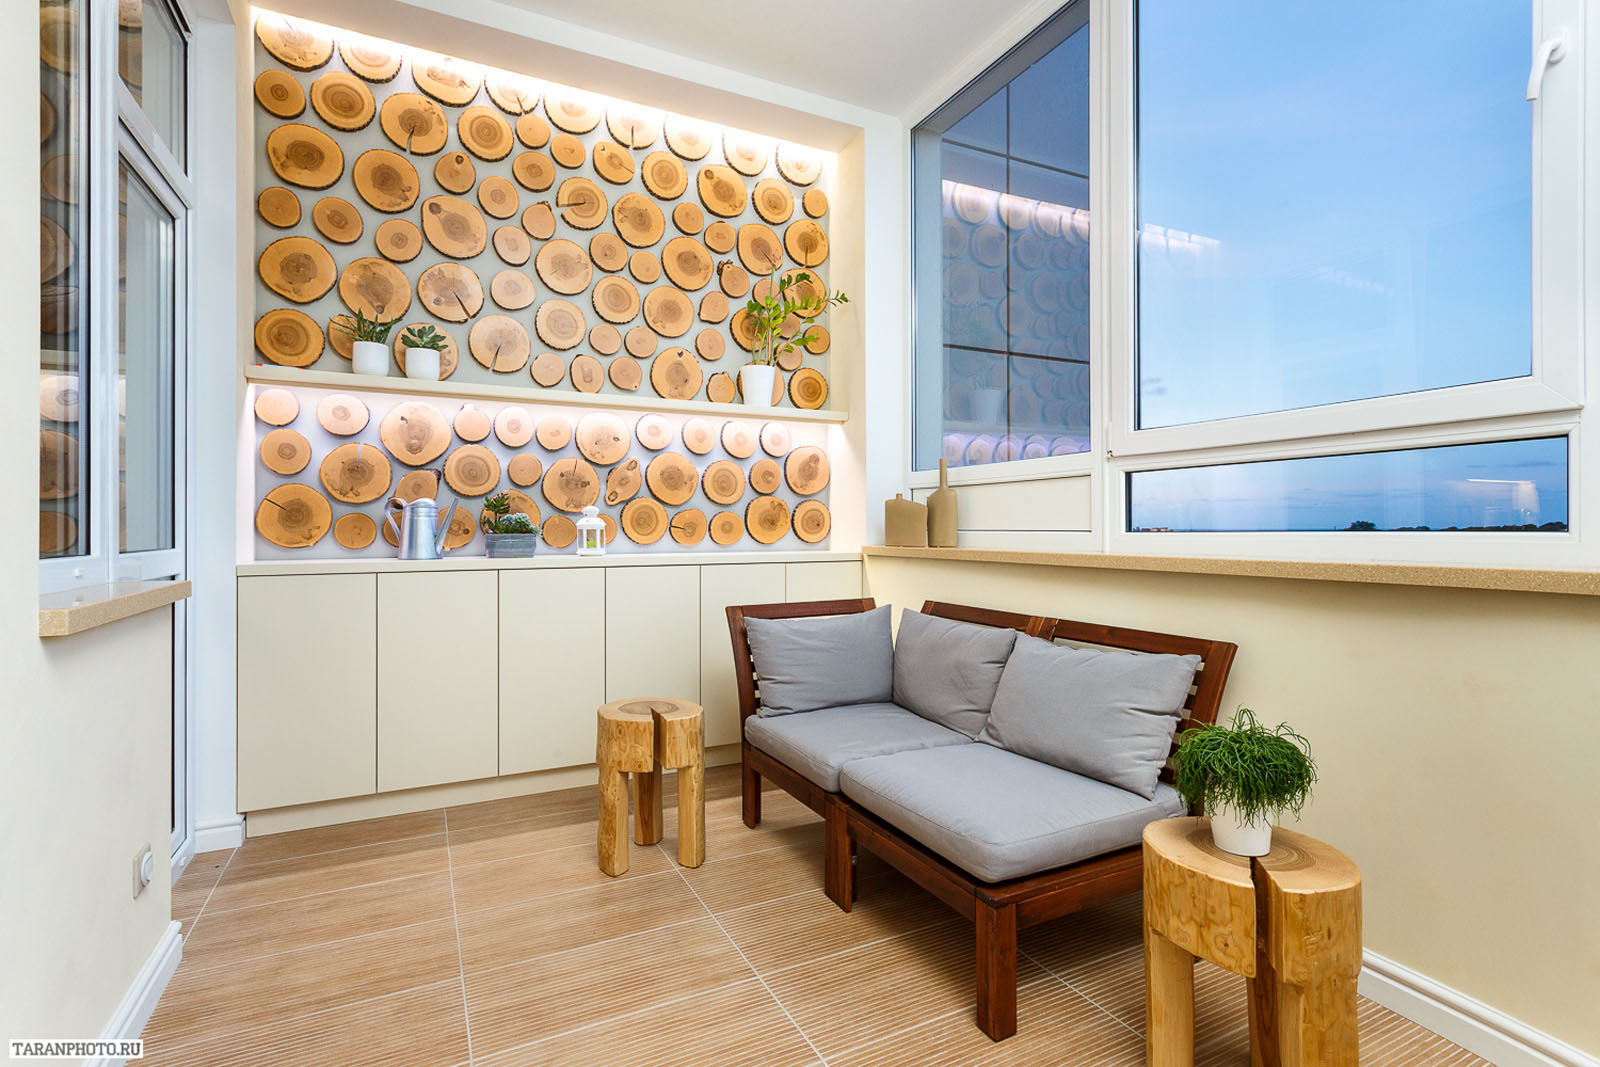 Дизайн балкона в квартире: фото ремонт квартир фото.